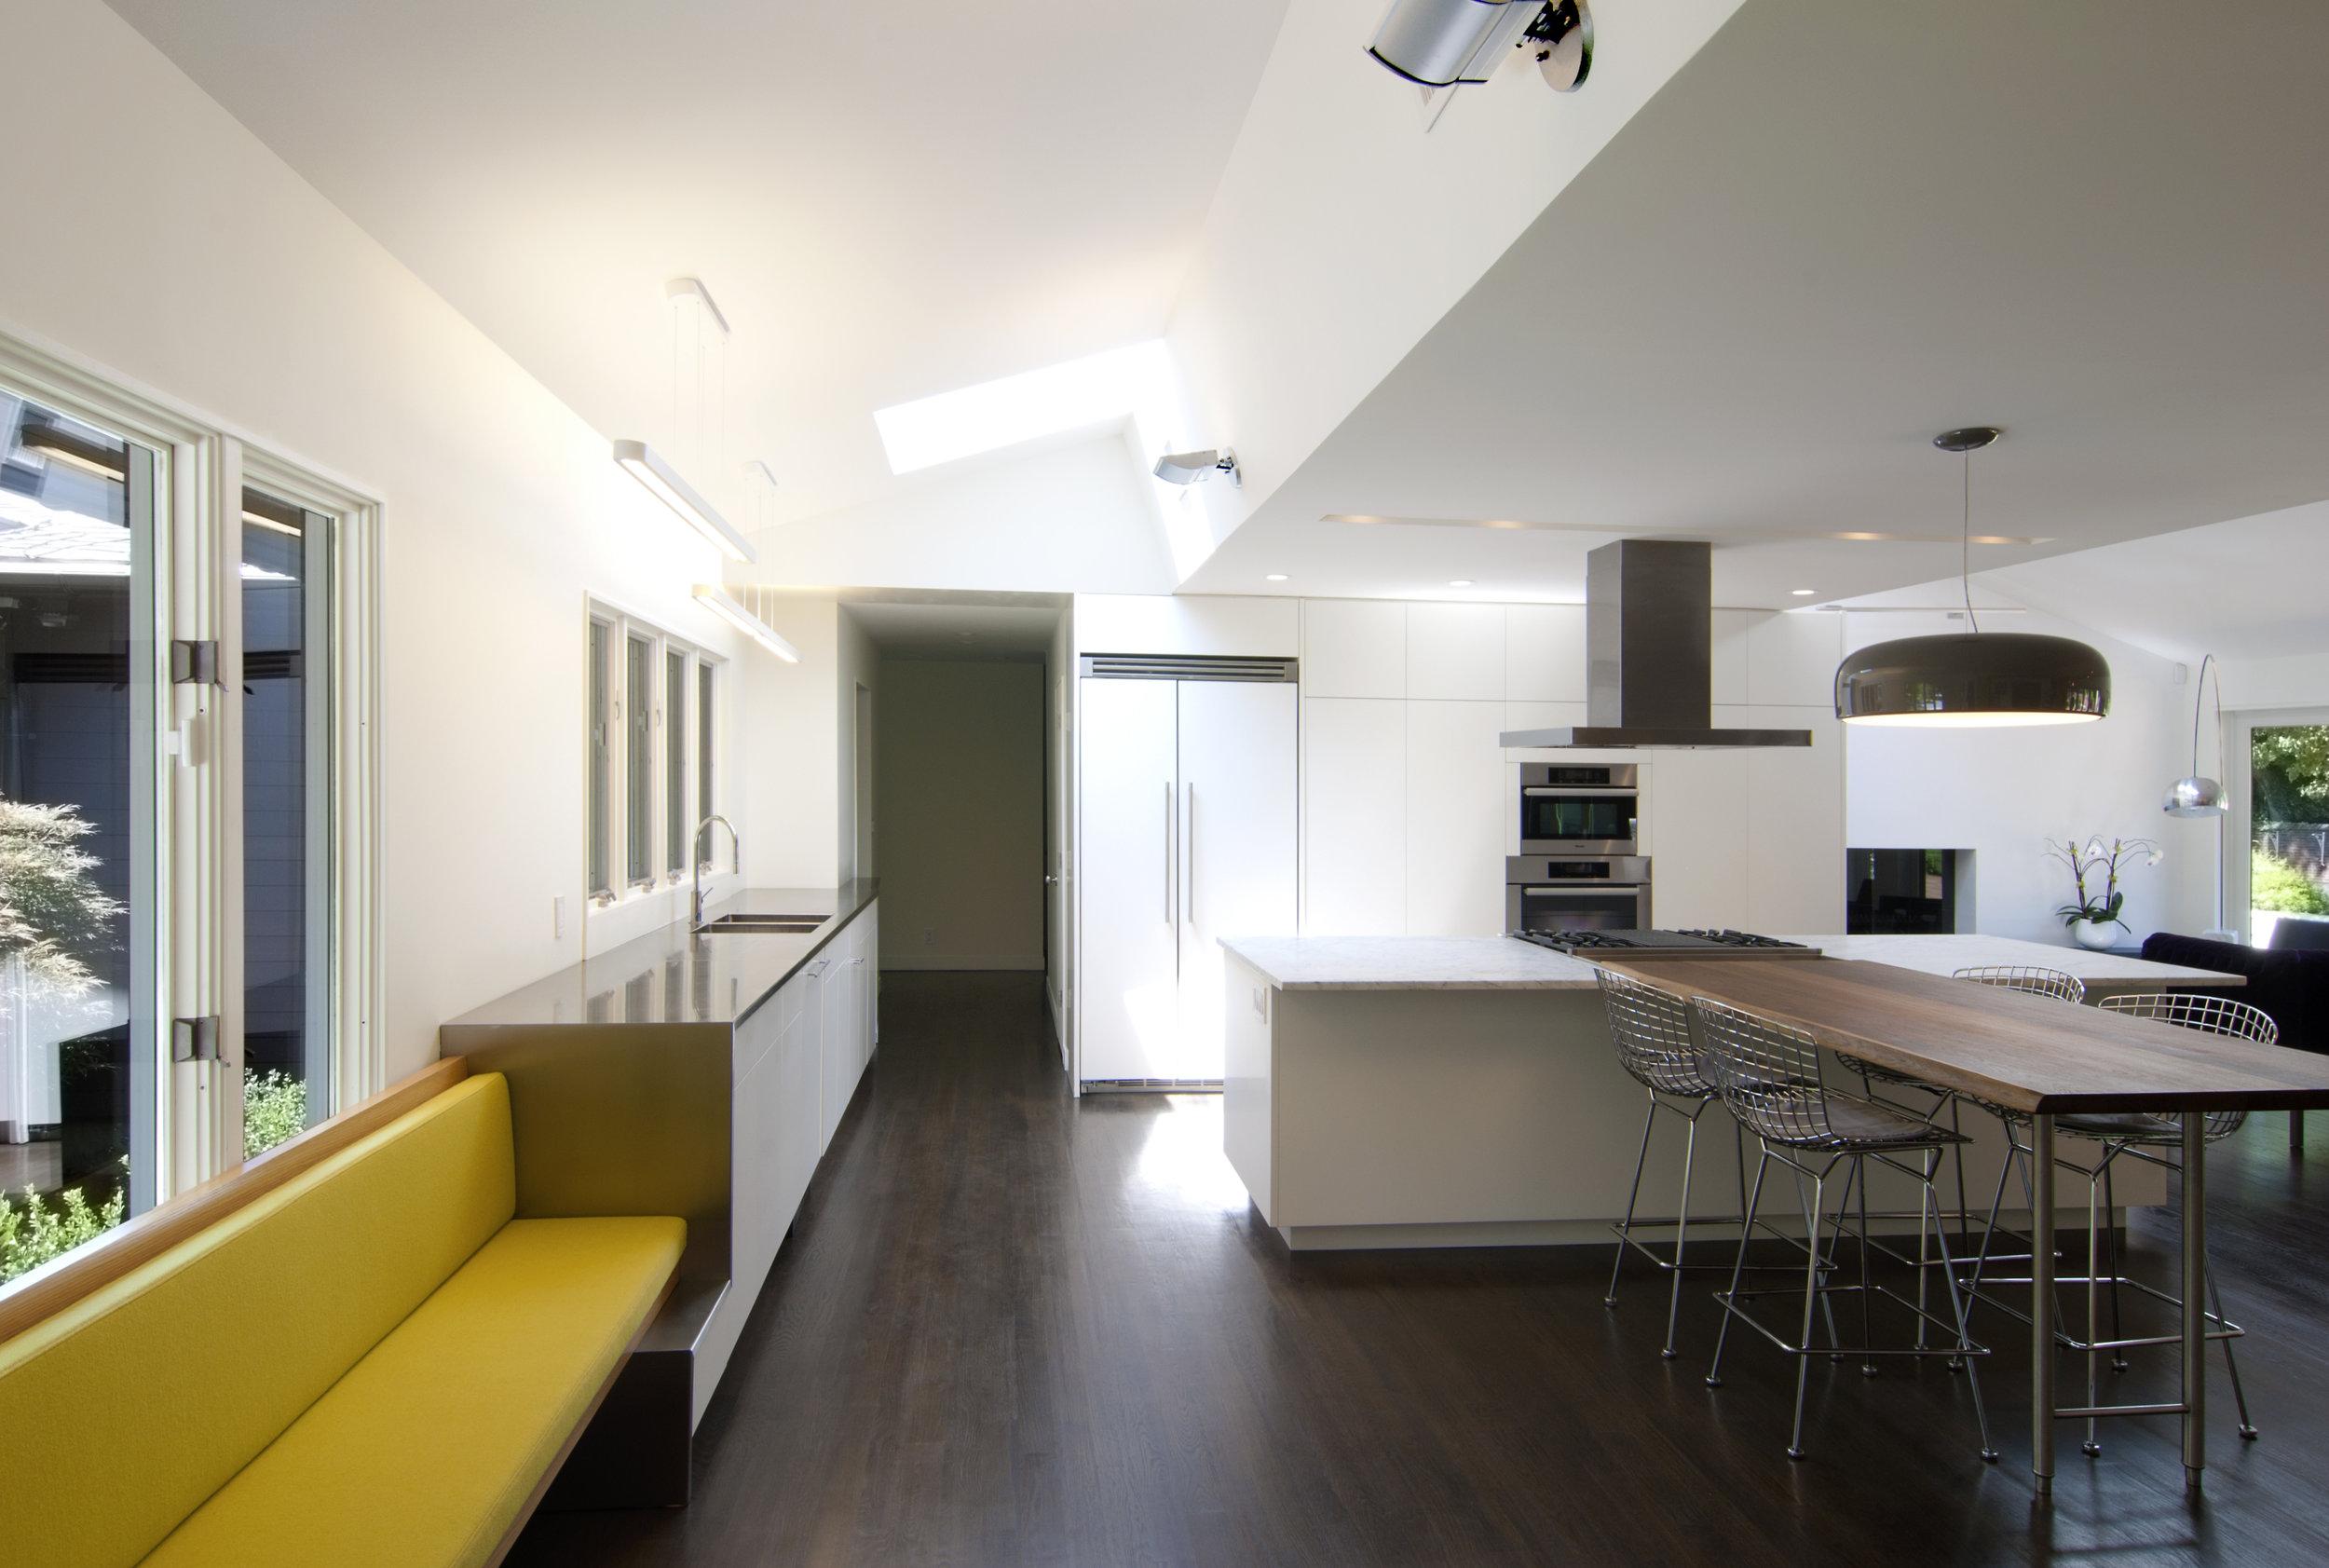 03_Kitchen_Bench.jpg